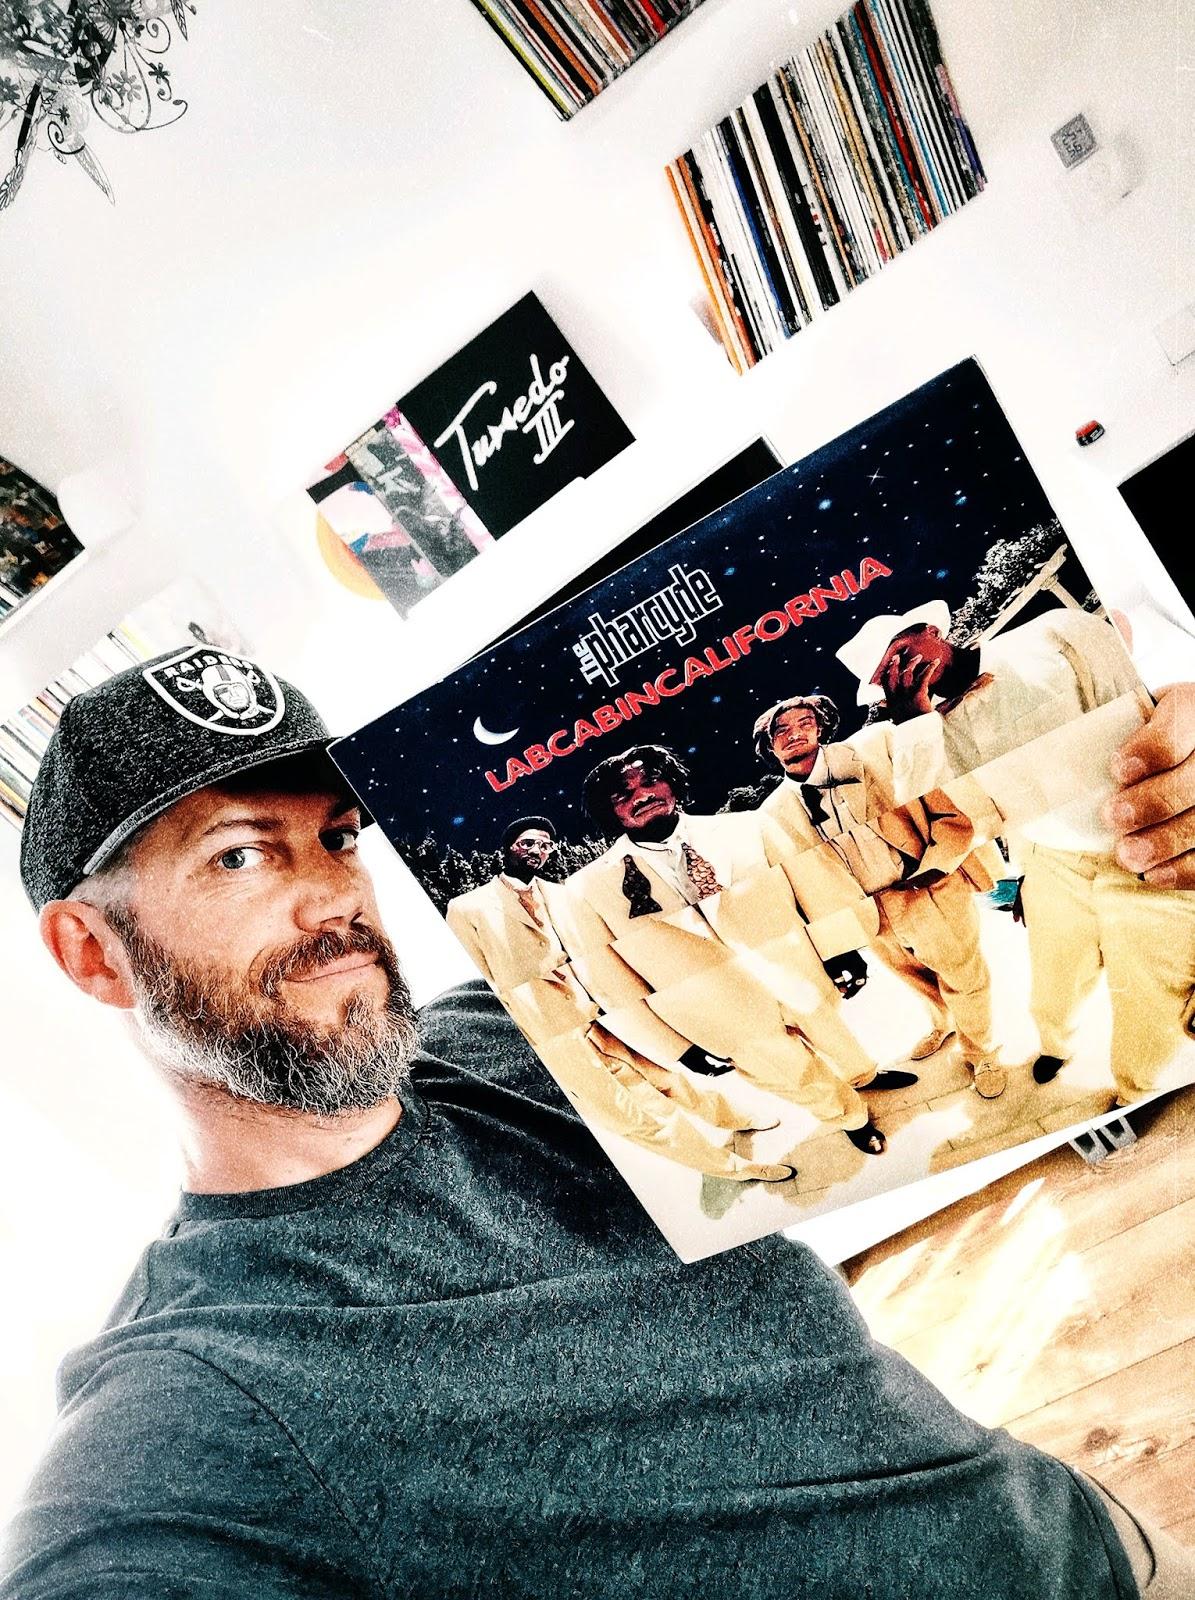 Der Blogger Jens Mahnke vom Atomlabor Blog hält das original Vinyl von The Pharcydes Labcabincalifornia in seinen Händen